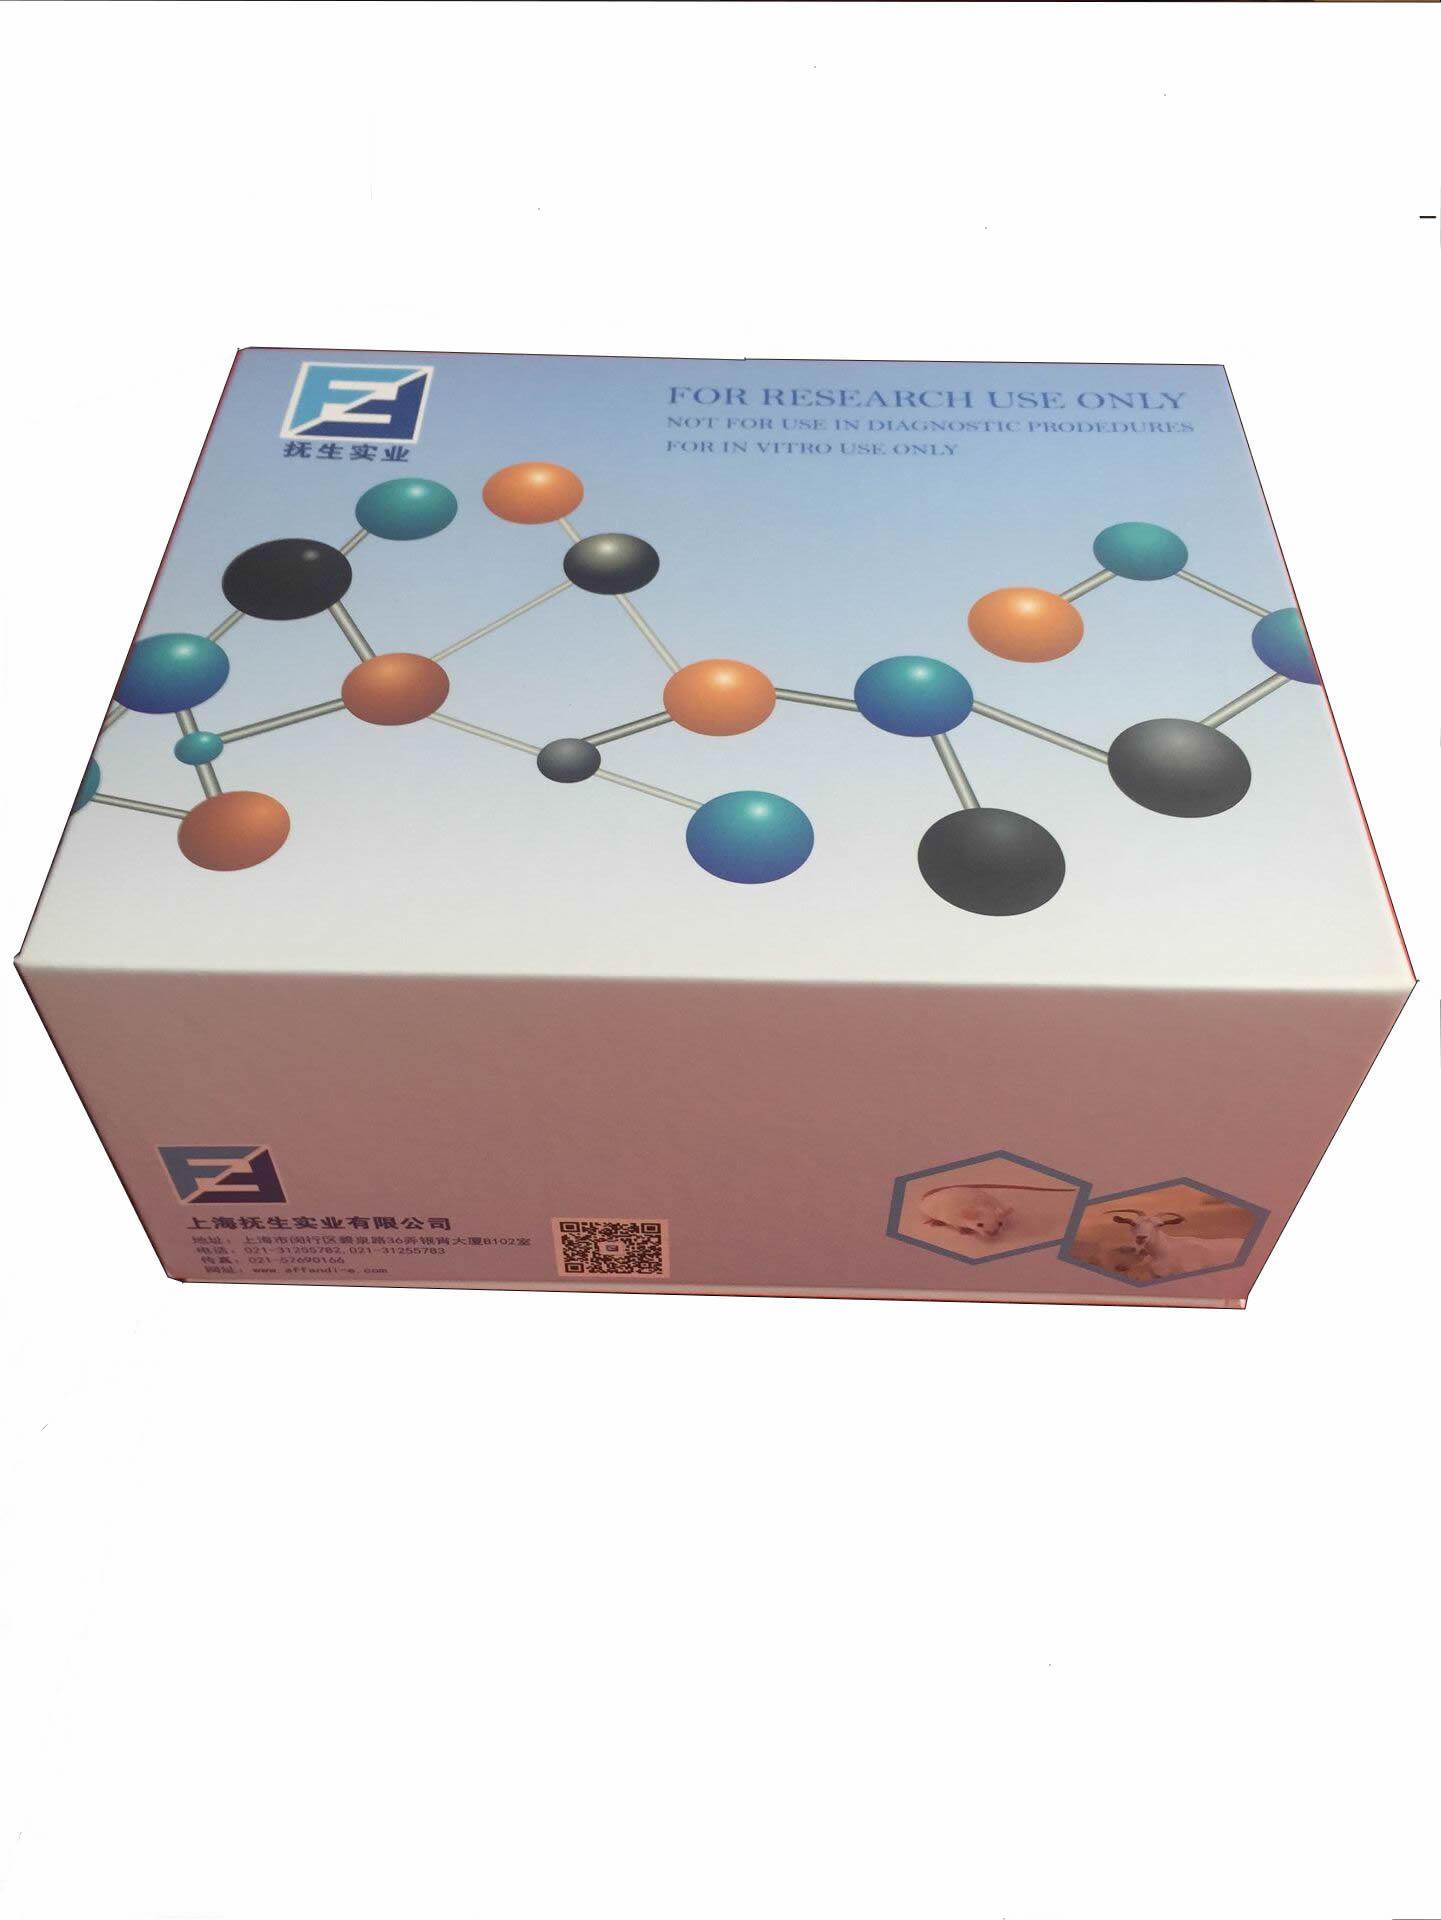 谷氨酰胺果糖-6-磷酸转氨酶1检测试剂盒